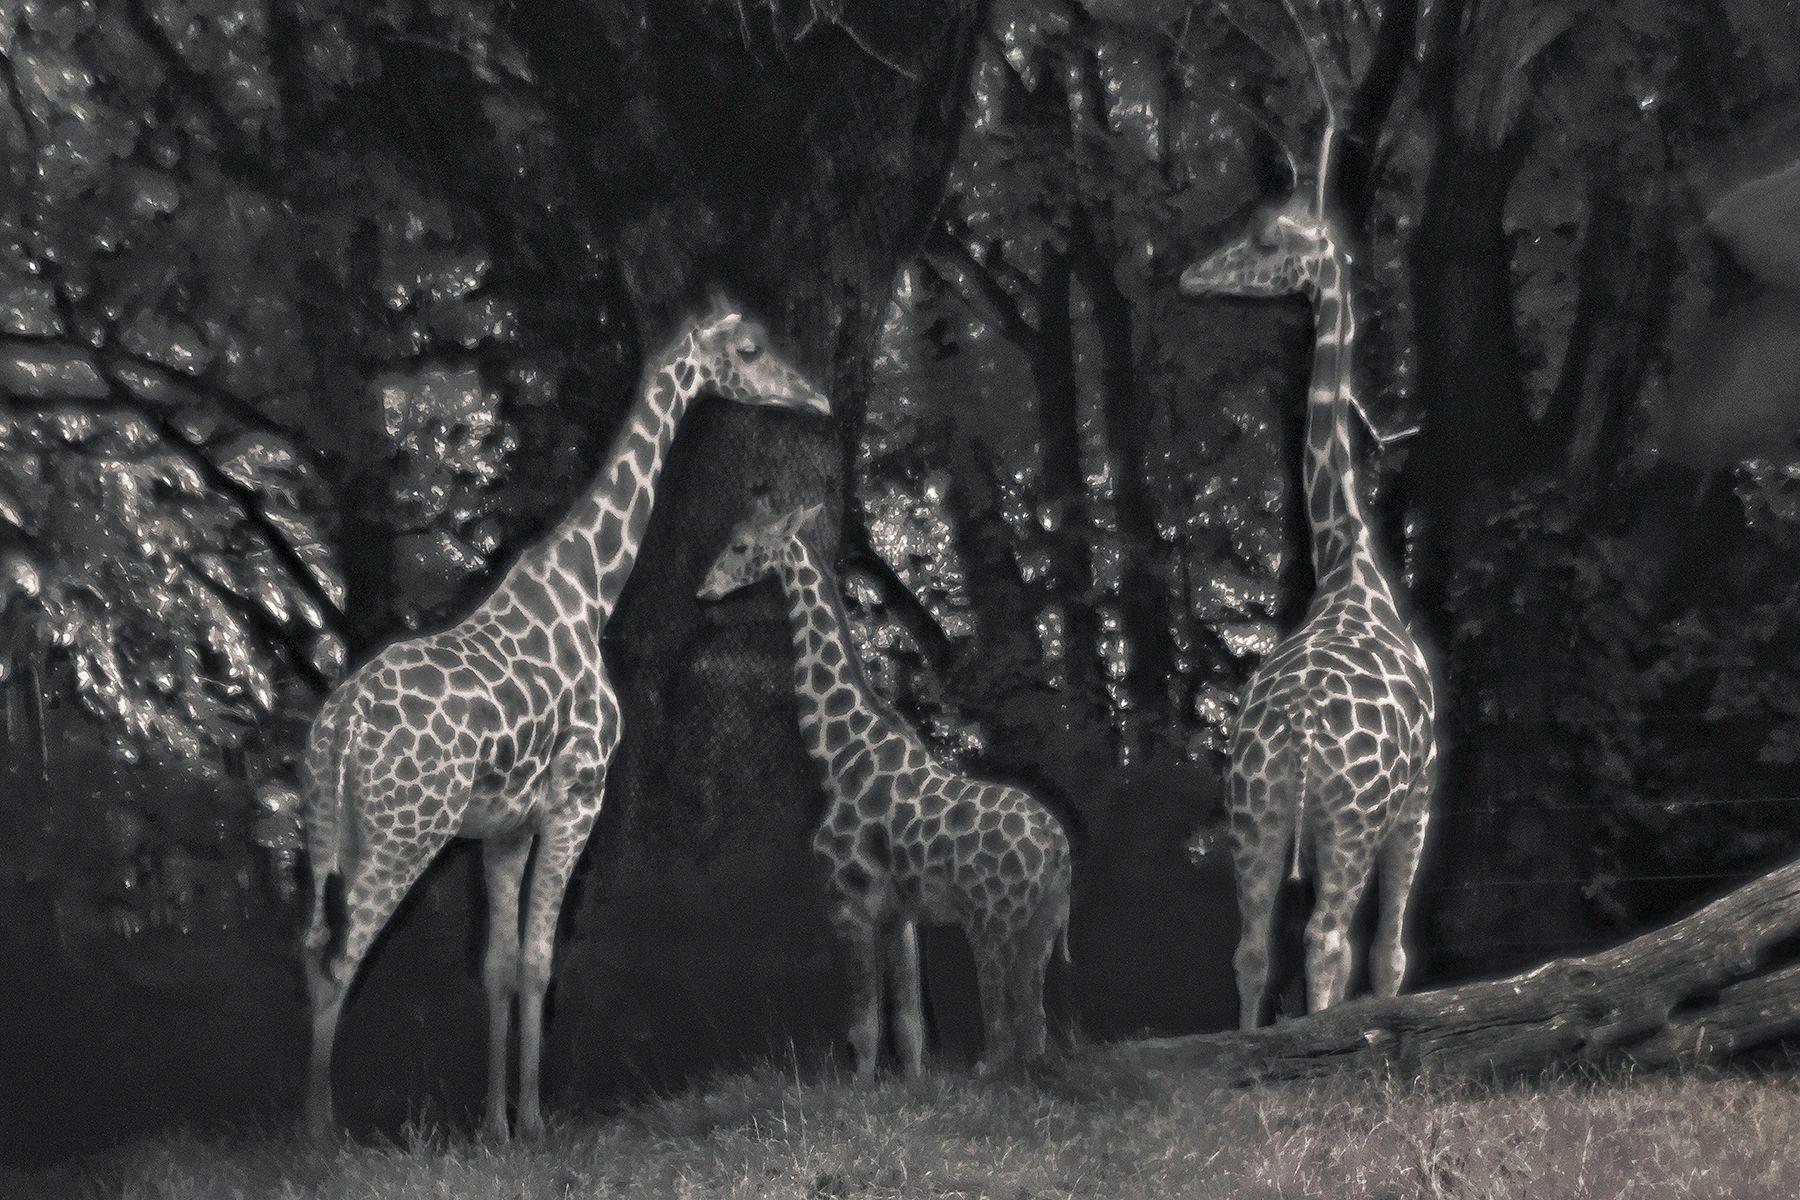 1three_giraffes_shhi_viv_sh_sz_copy